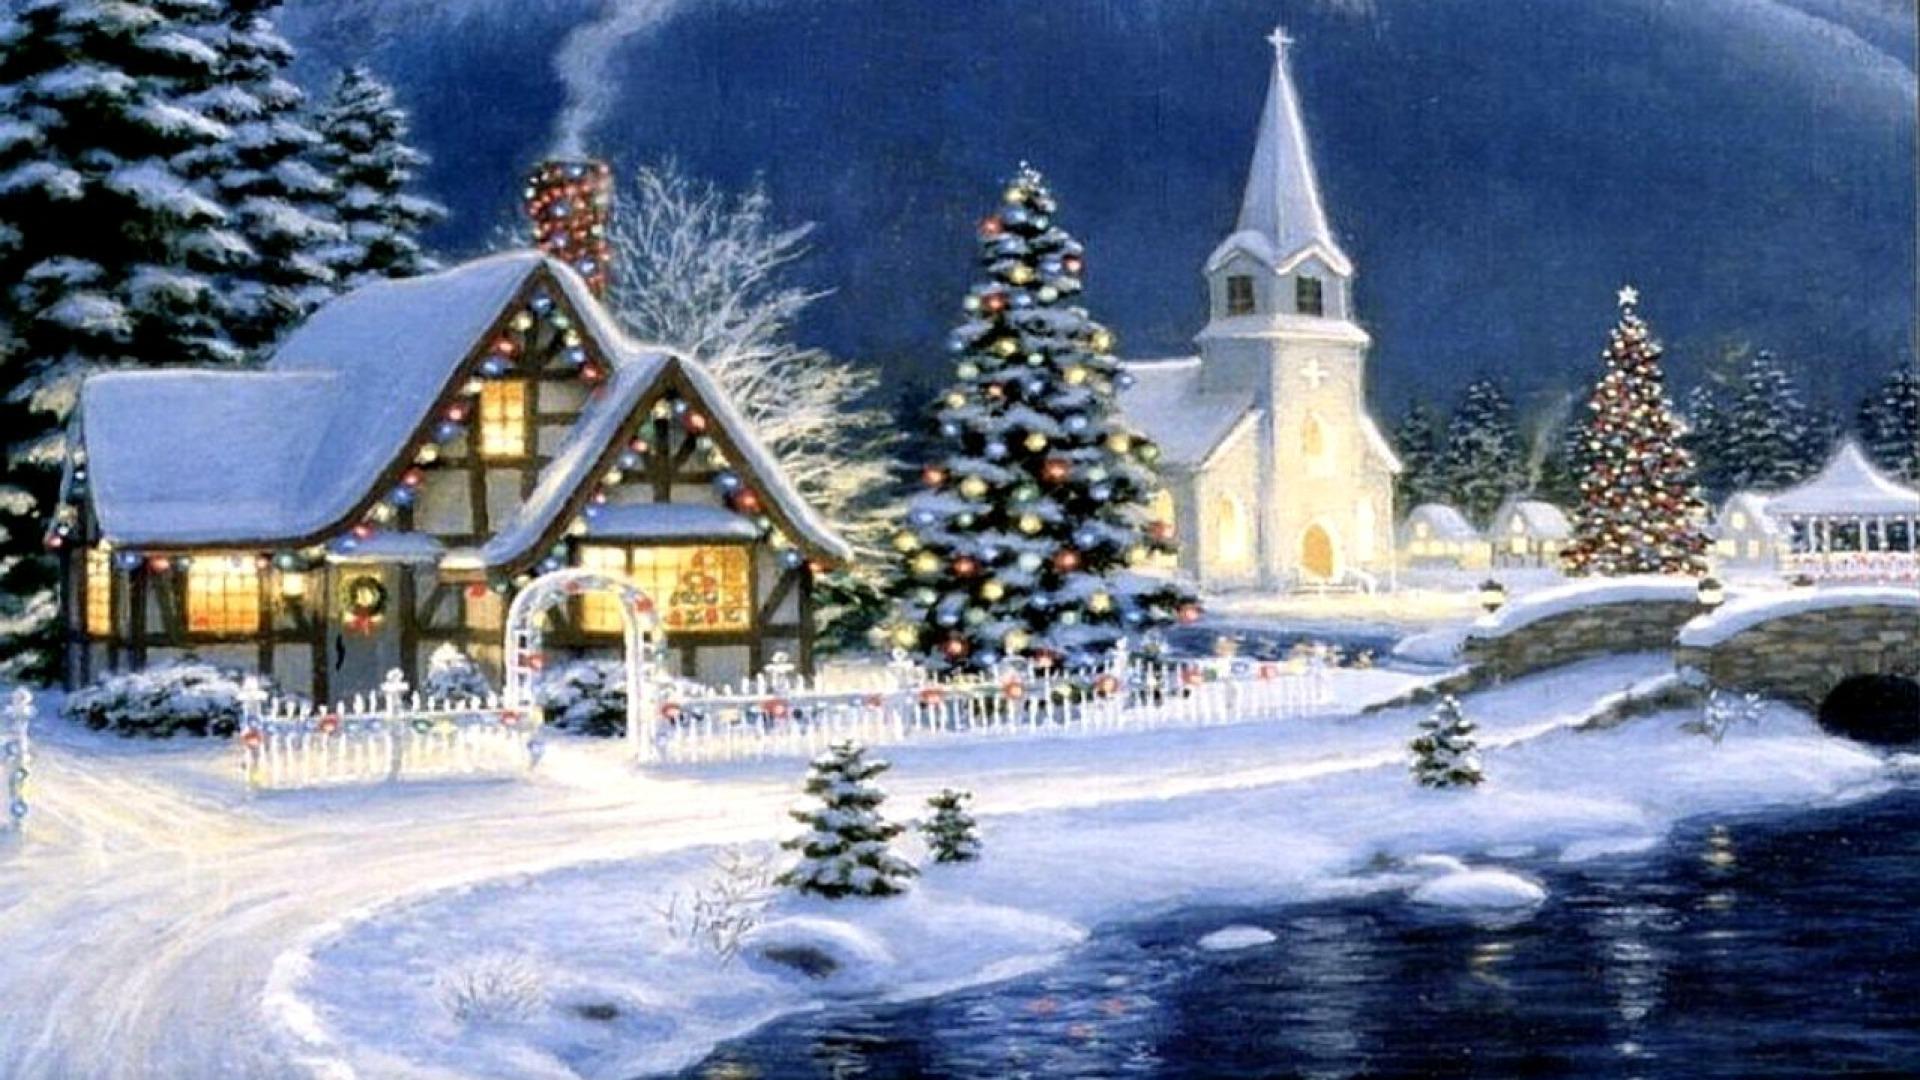 Bộ Sưu Tập Ảnh Giáng Sinh - Page 4 119vd